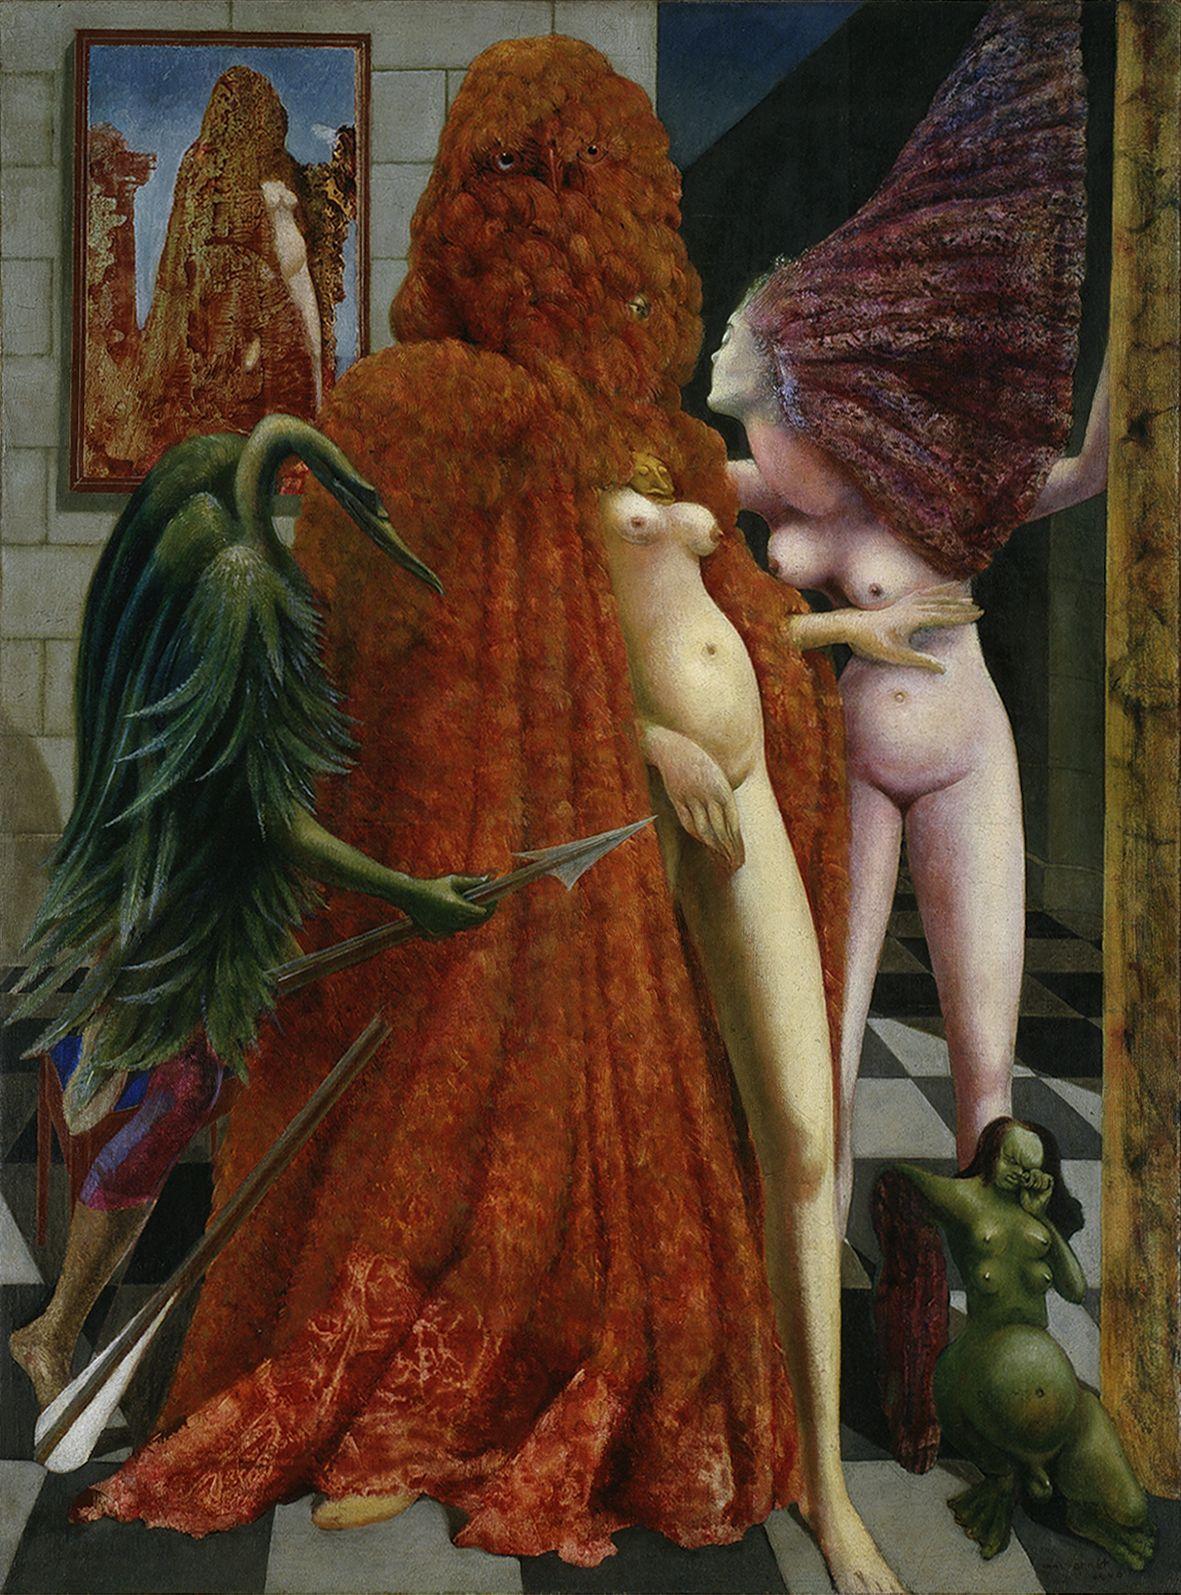 Surrealismo e magia, alla Collezione Peggy Guggenheim di Venezia nel 2021